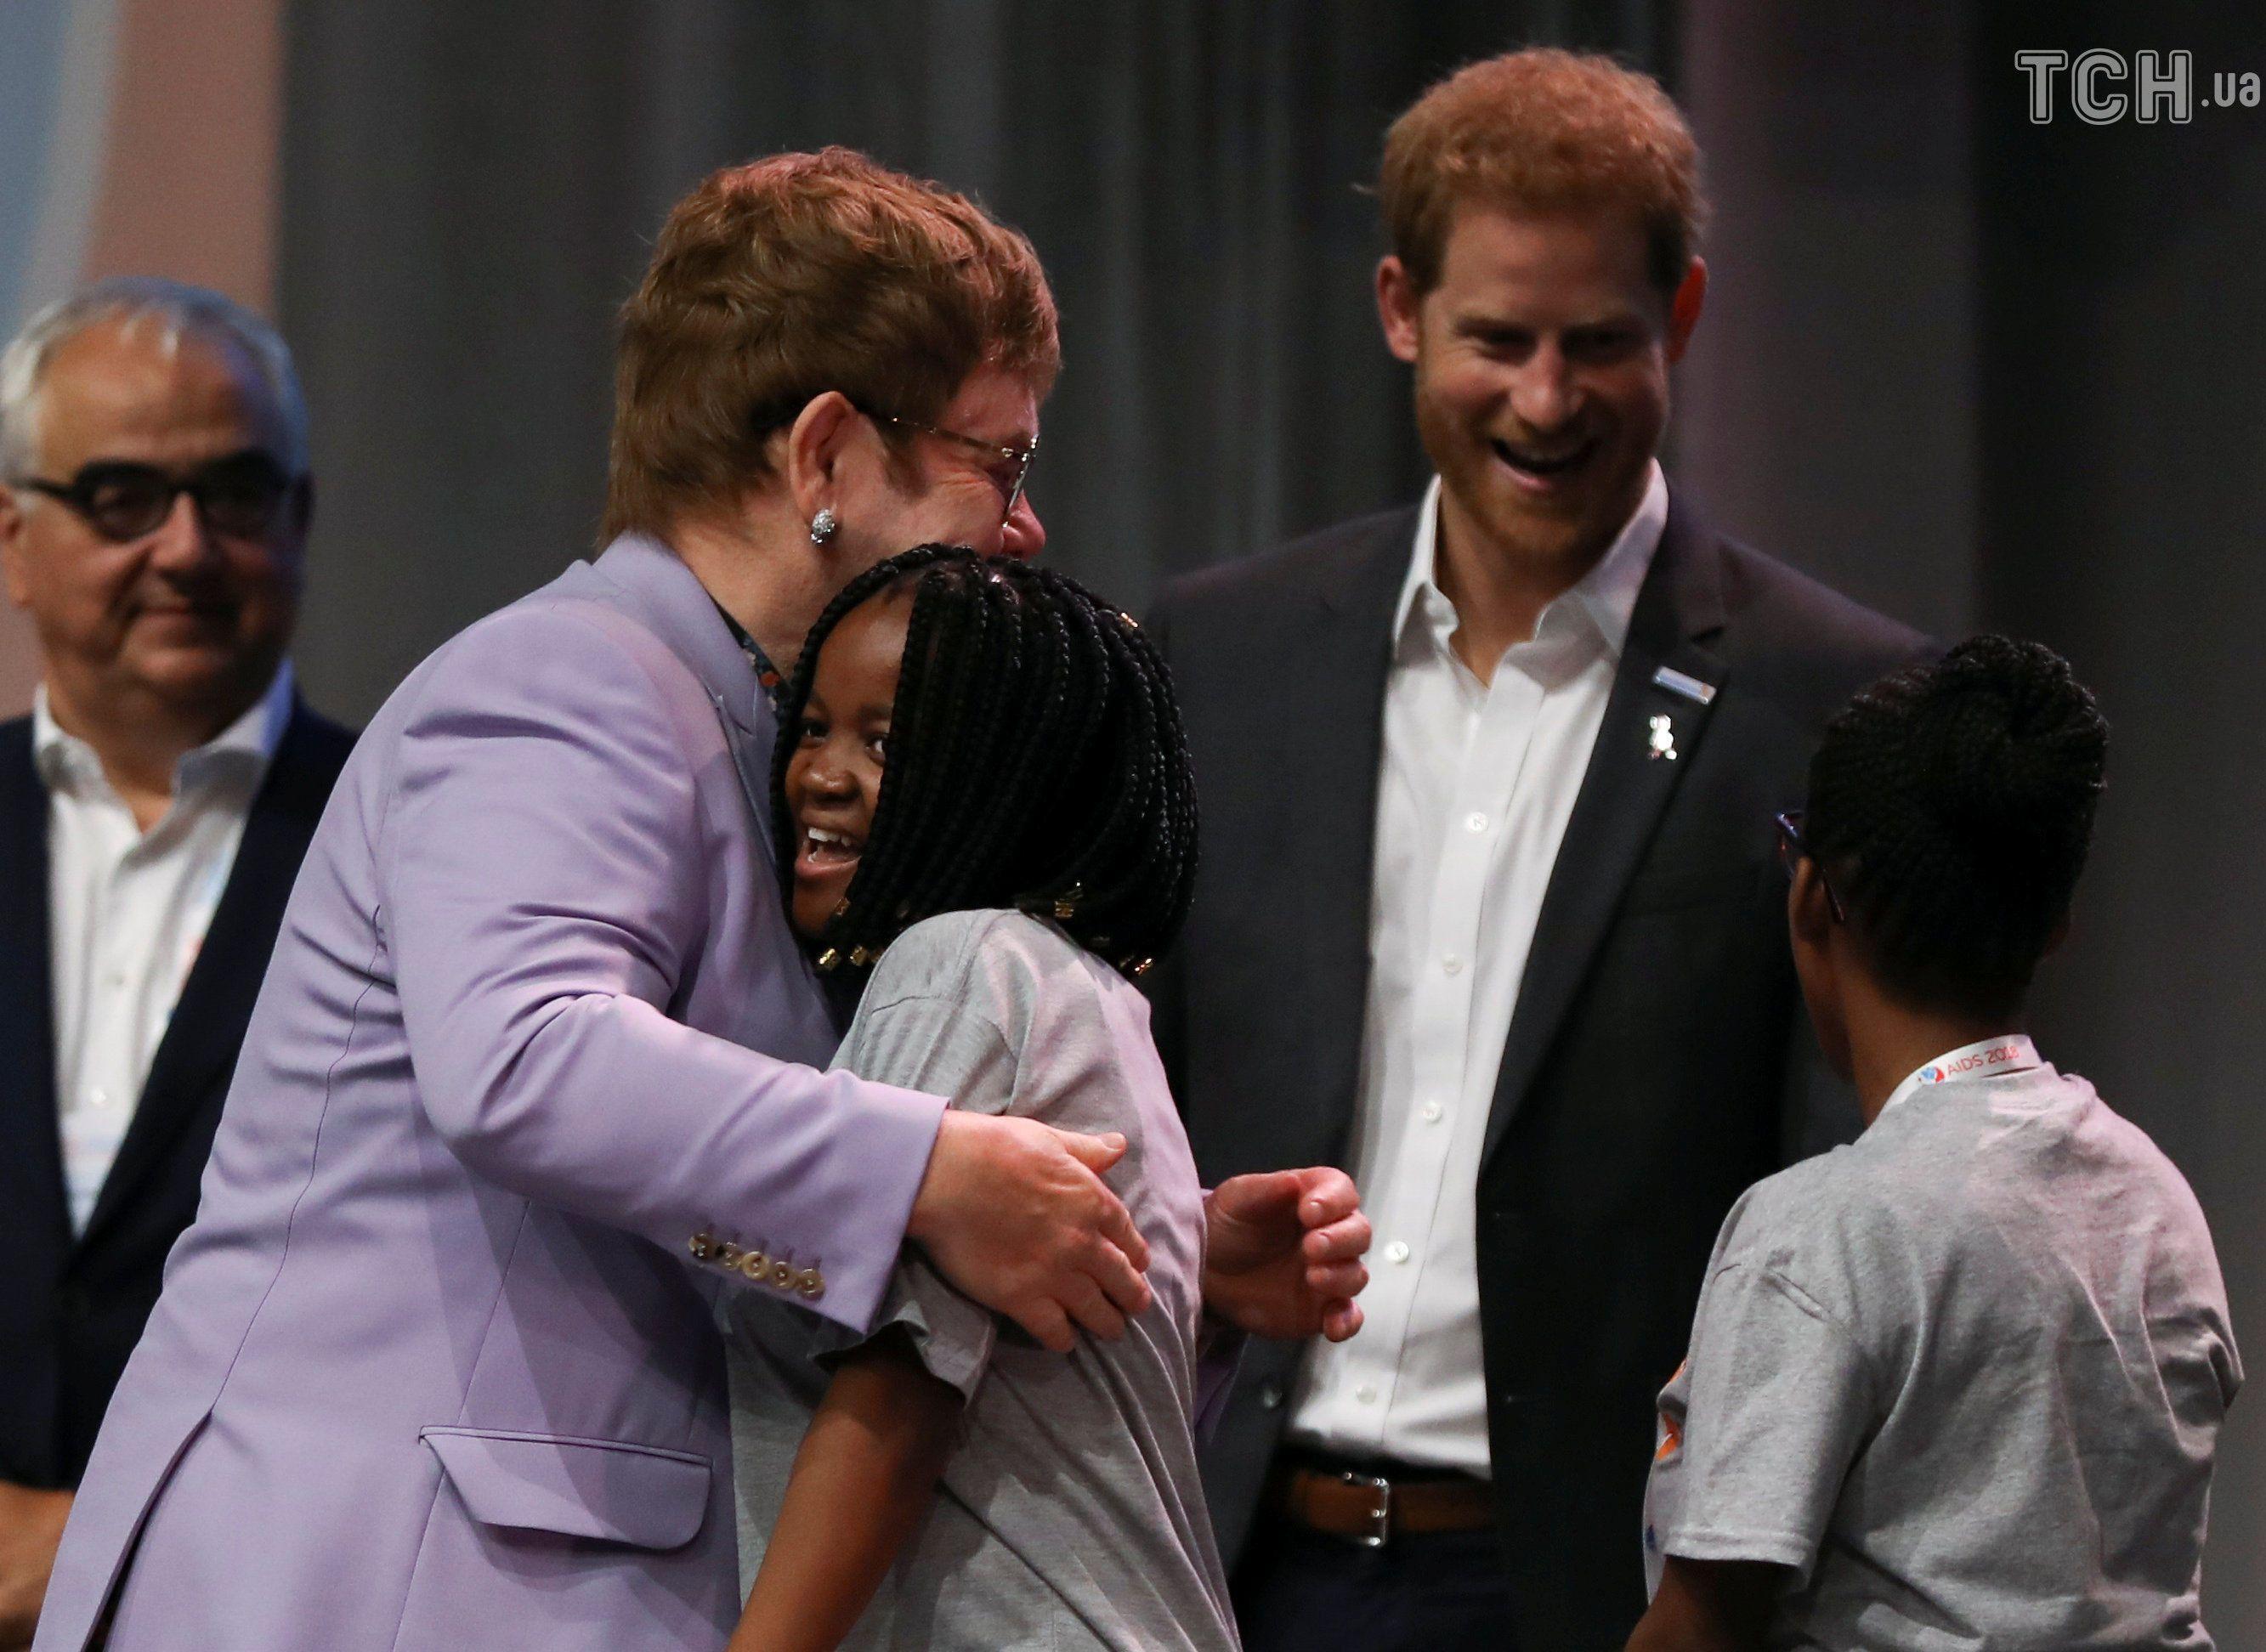 Принц Гарри и Элтон Джон создали коалицию для борьбы со СПИДом